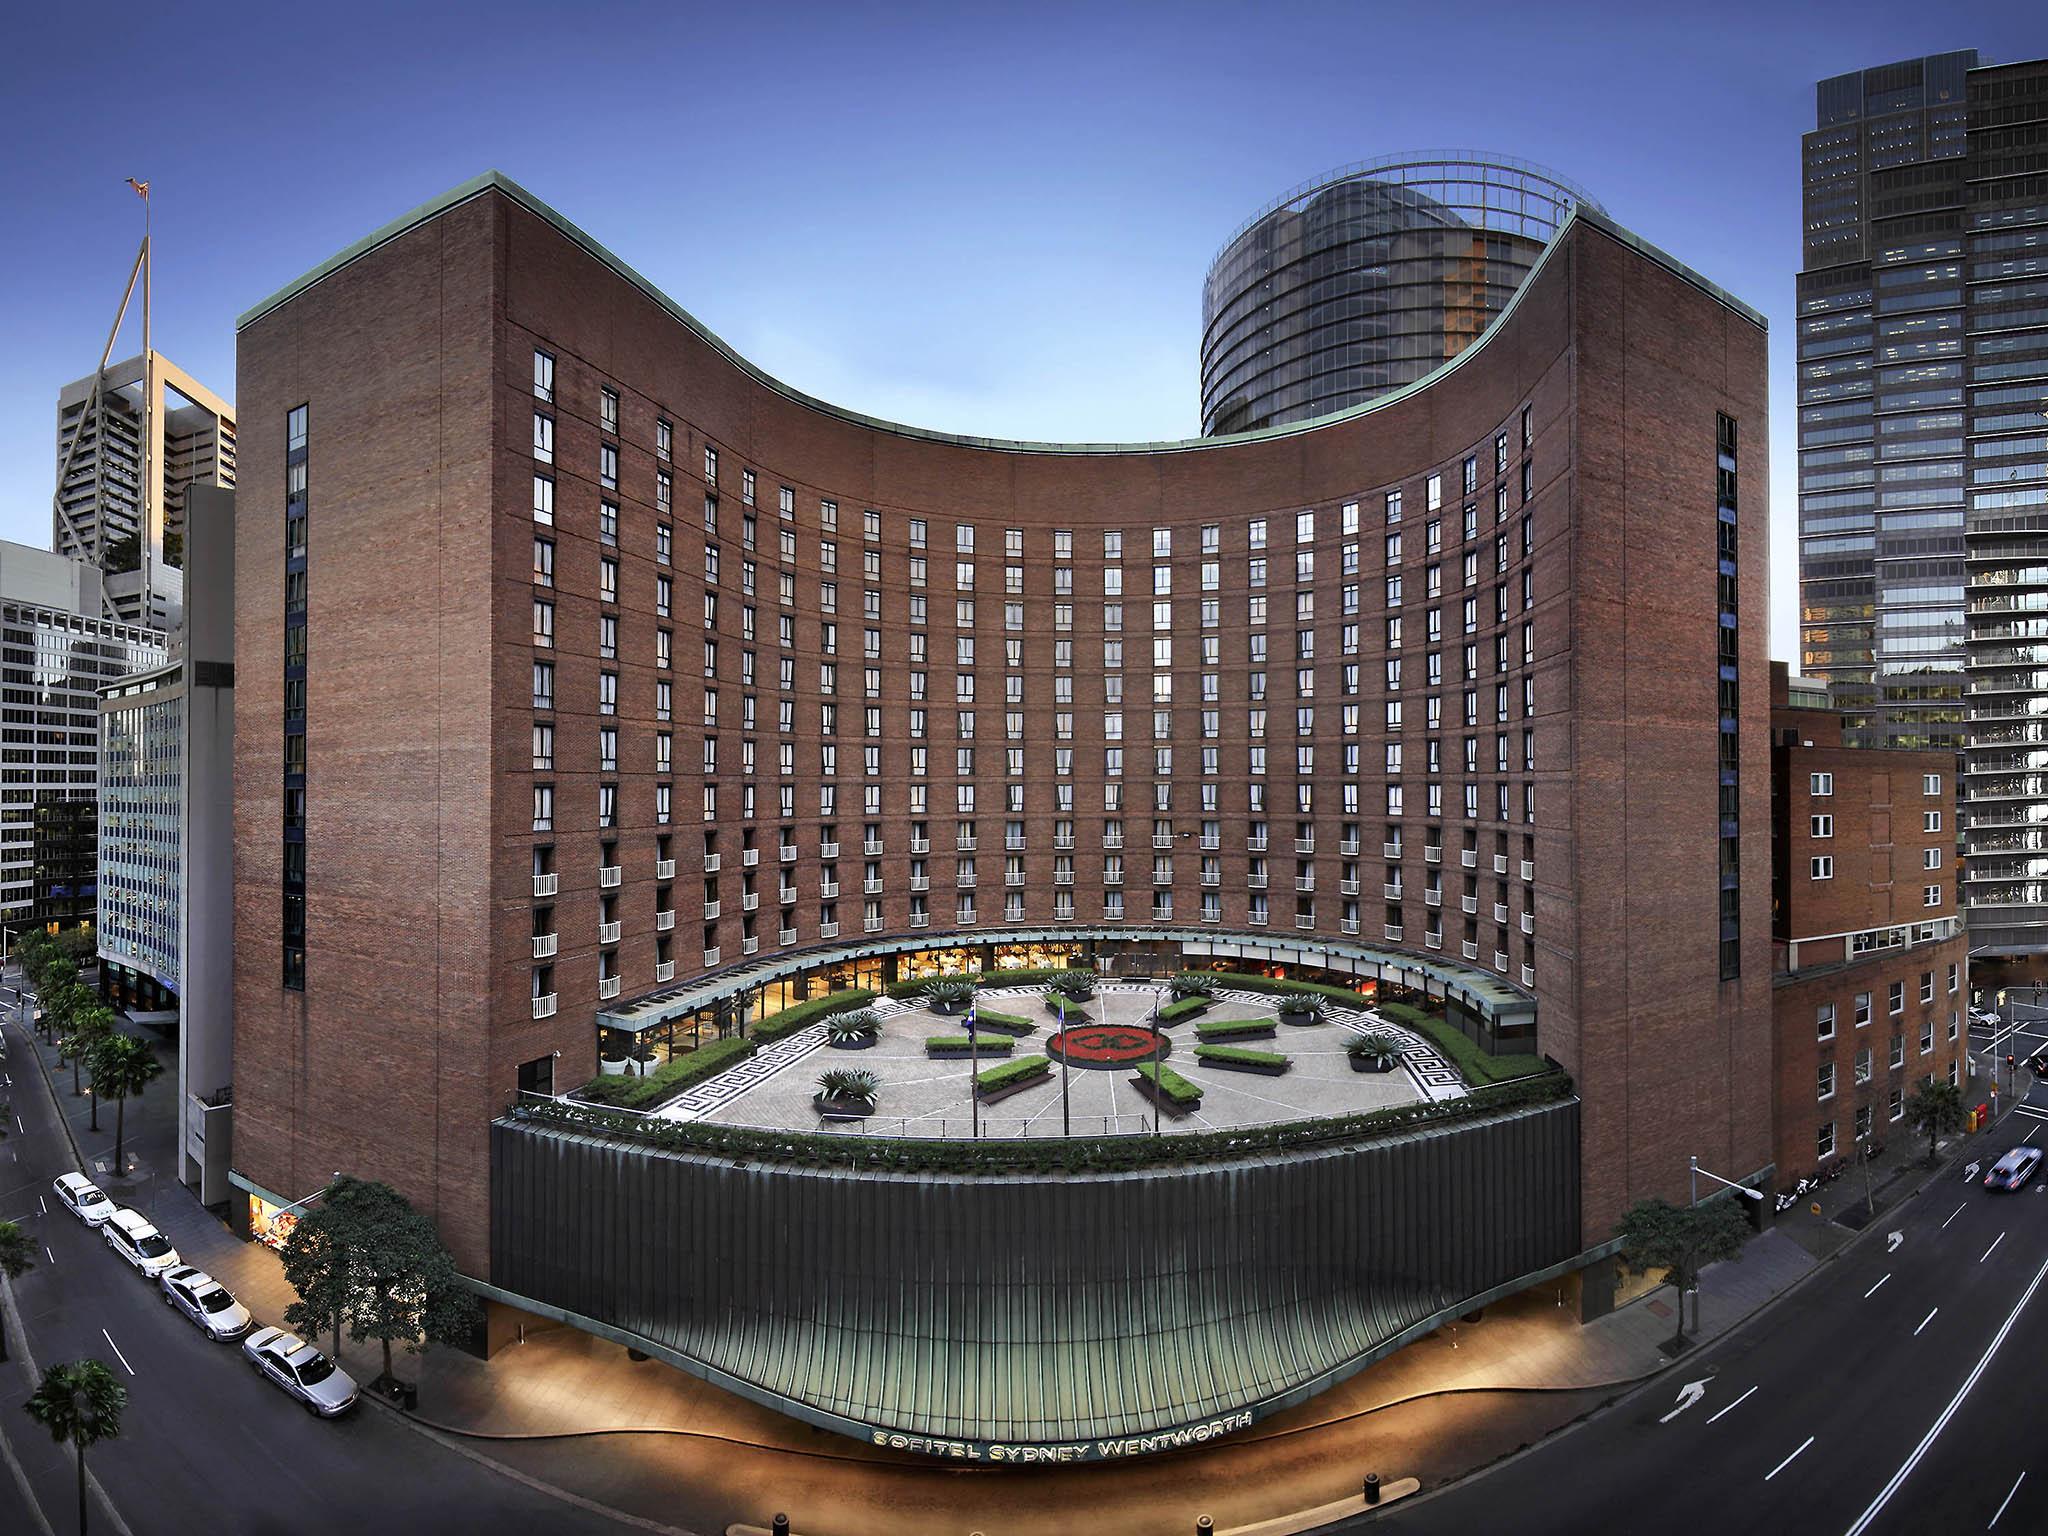 โรงแรม – โซฟิเทล ซิดนีย์ เวนท์เวิร์ธ